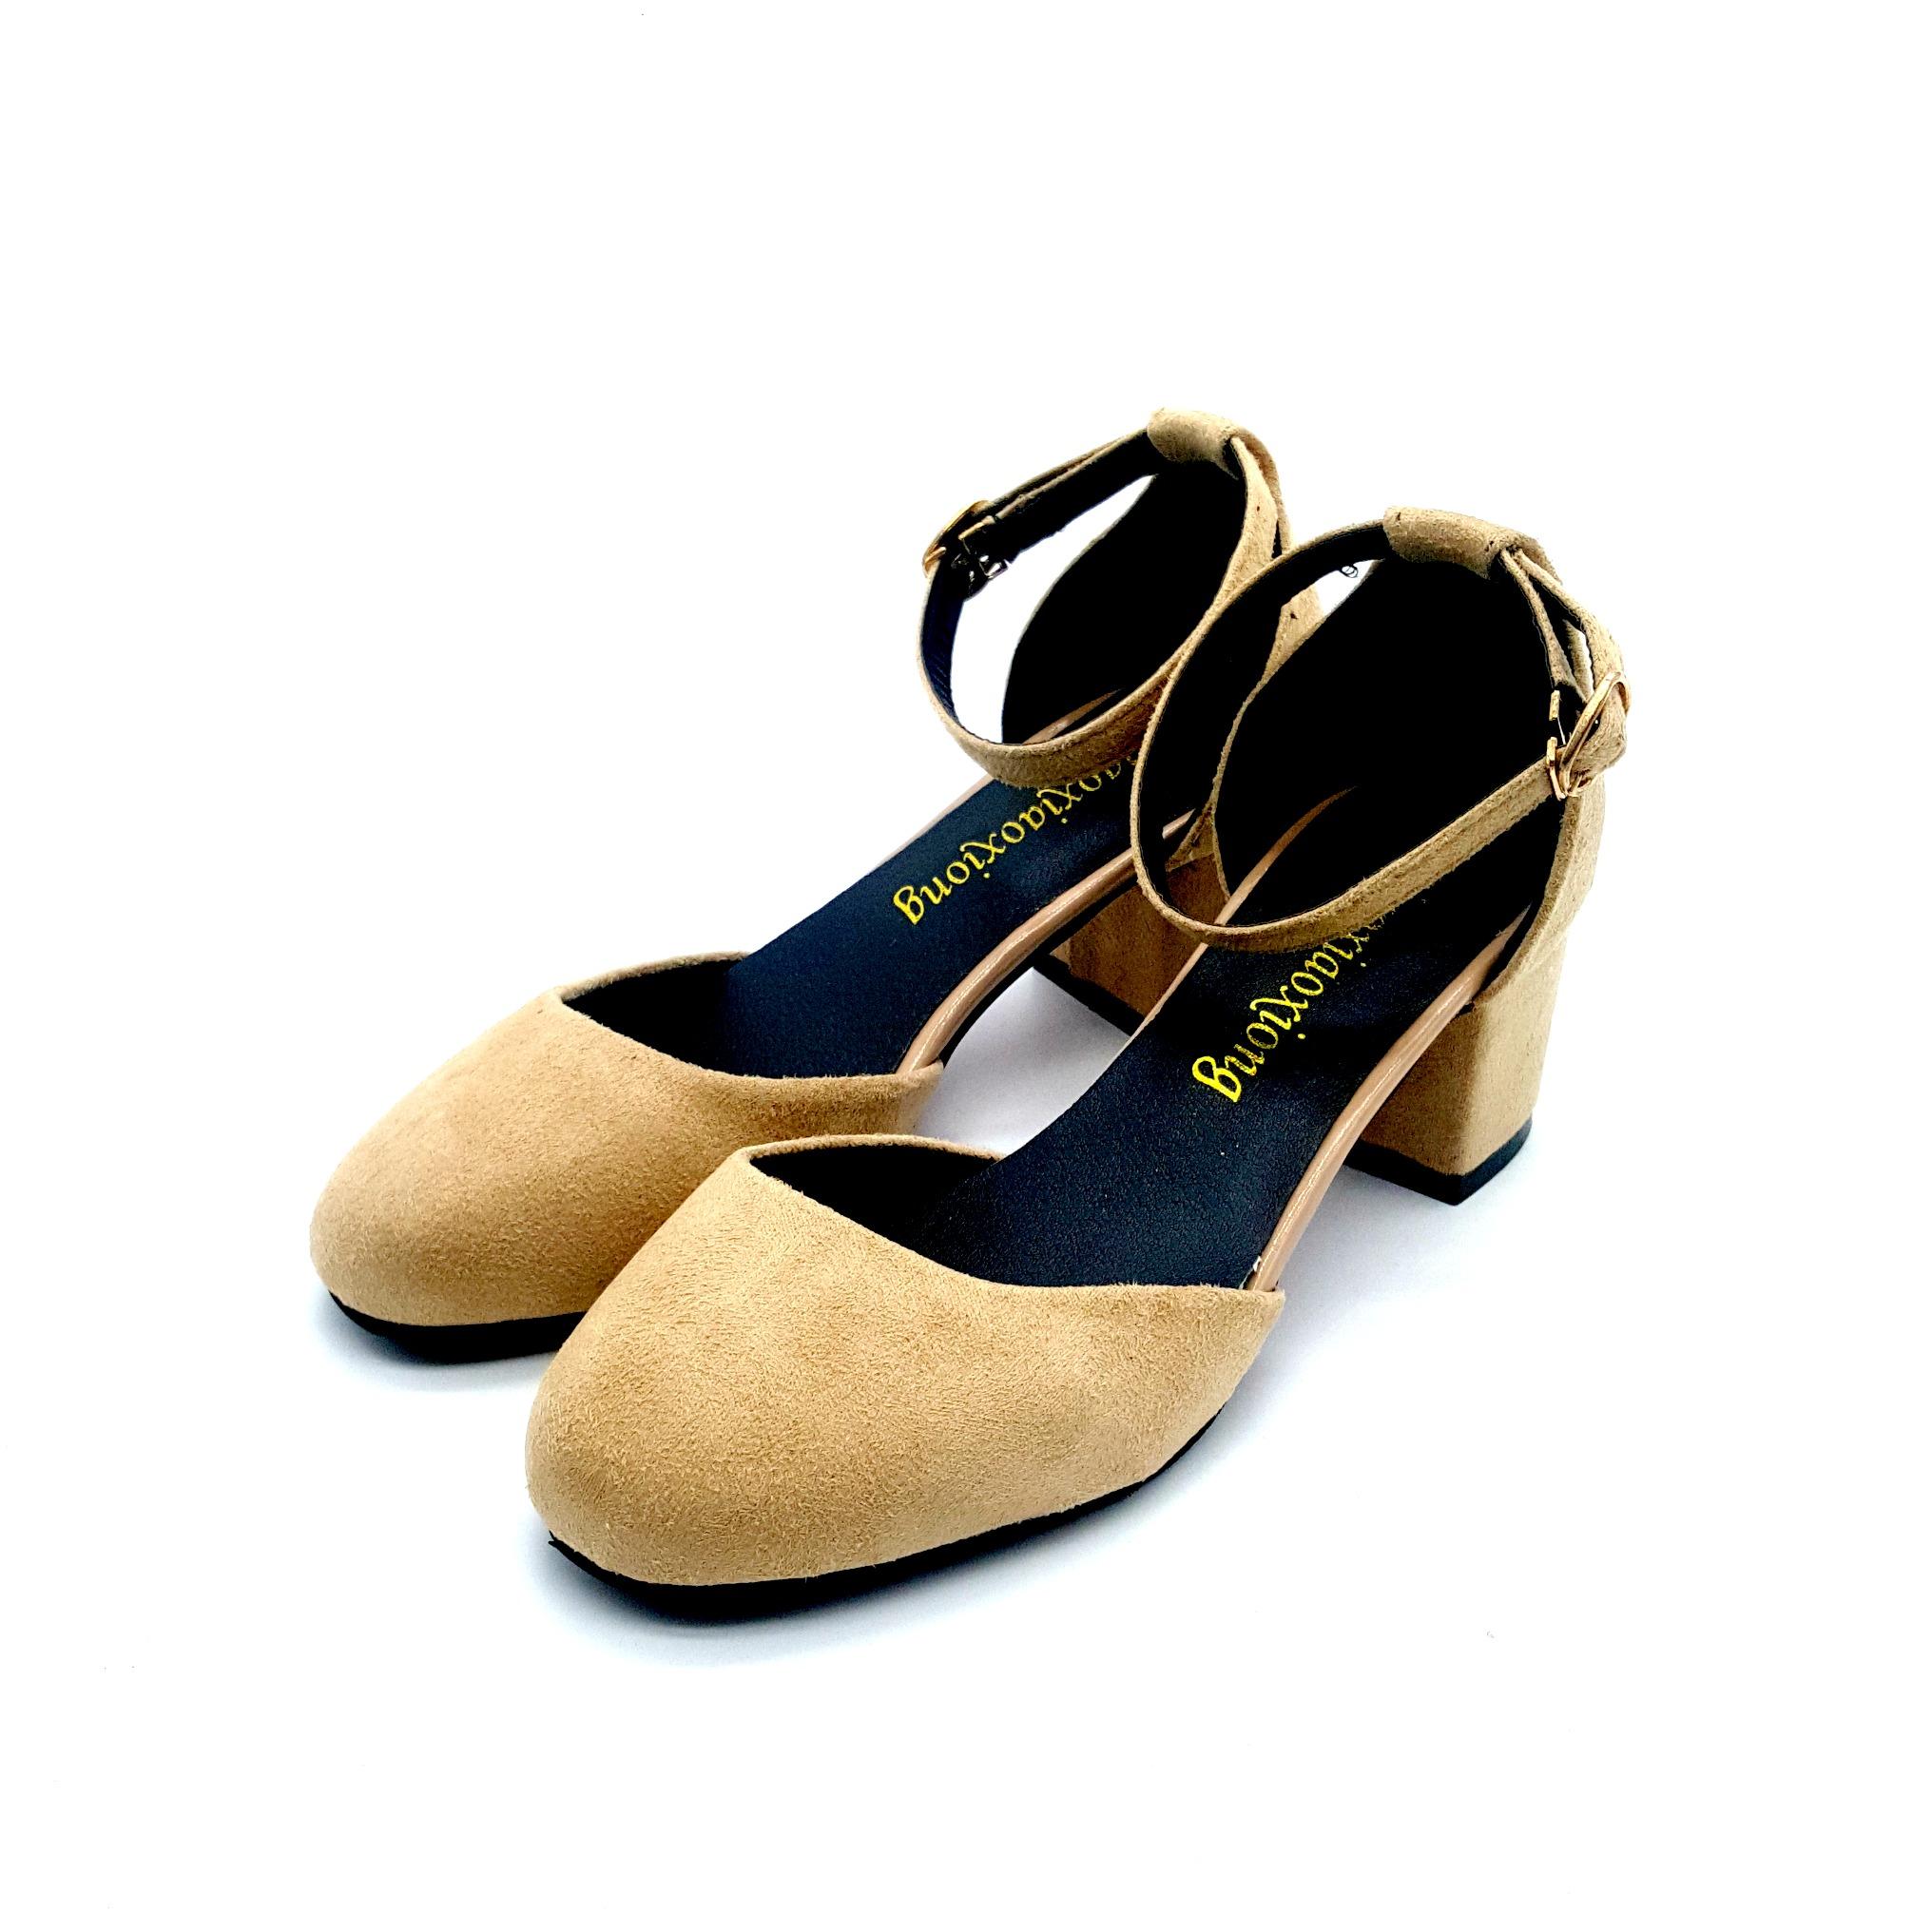 8477fc97a736 Teddy Women Velvet Closed Toe Buckle Strap Mid Heels - Beige. ‹ ›